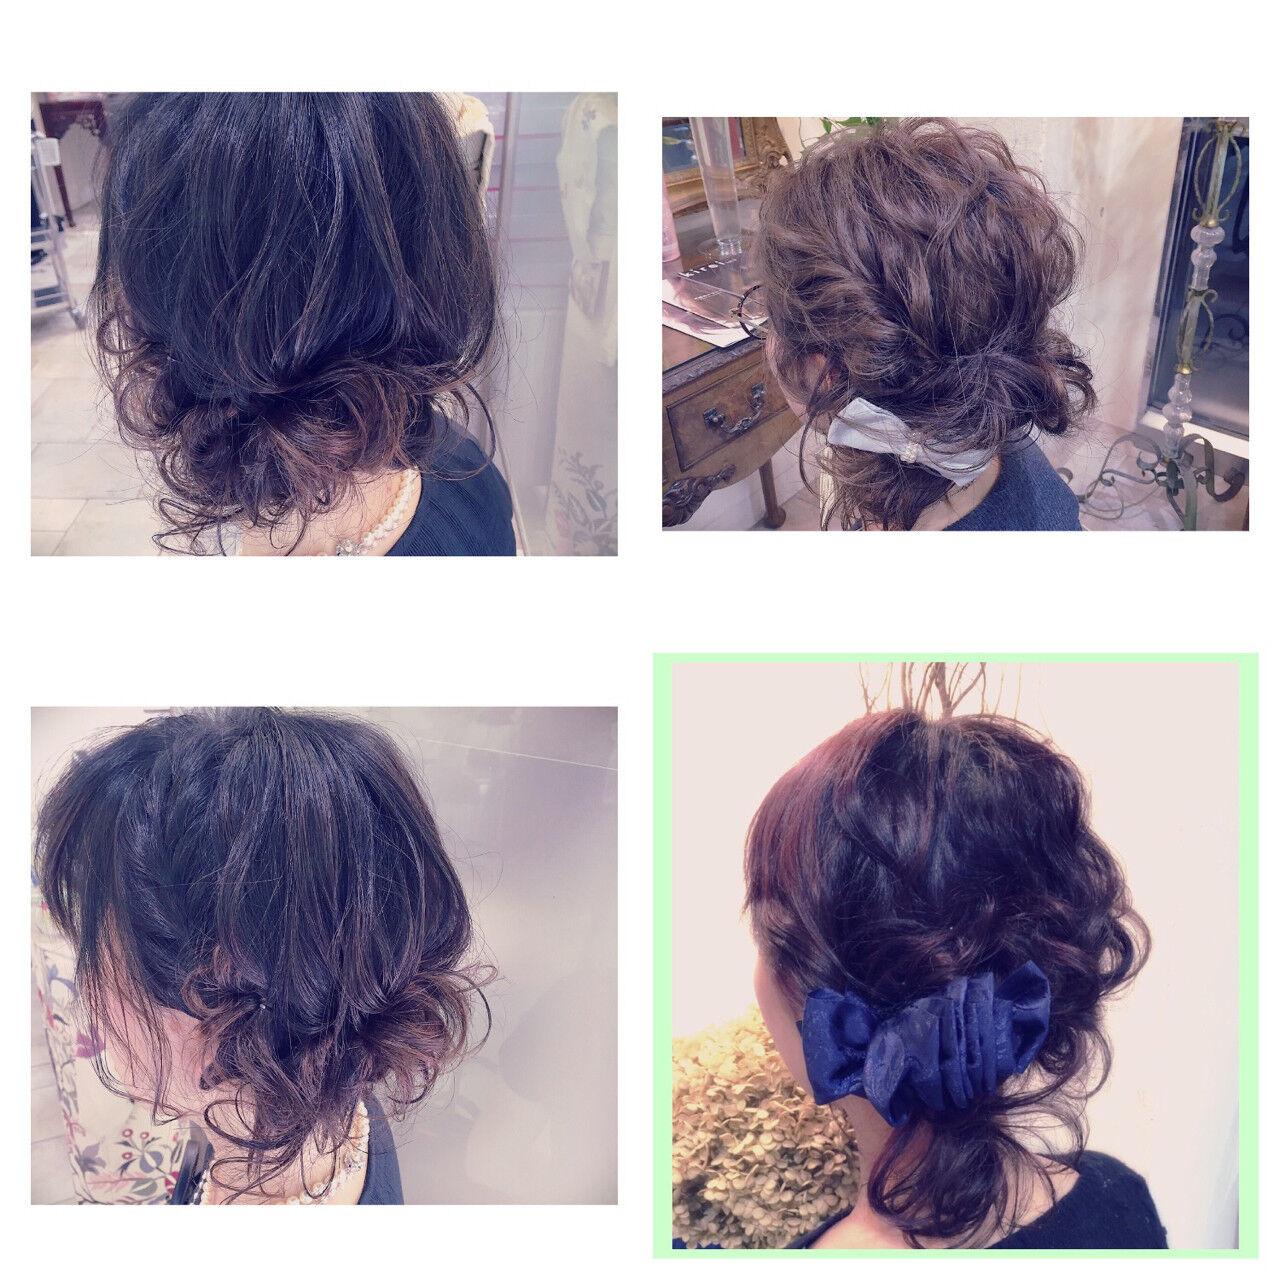 セミロング ハーフアップ 大人かわいい 簡単ヘアアレンジヘアスタイルや髪型の写真・画像